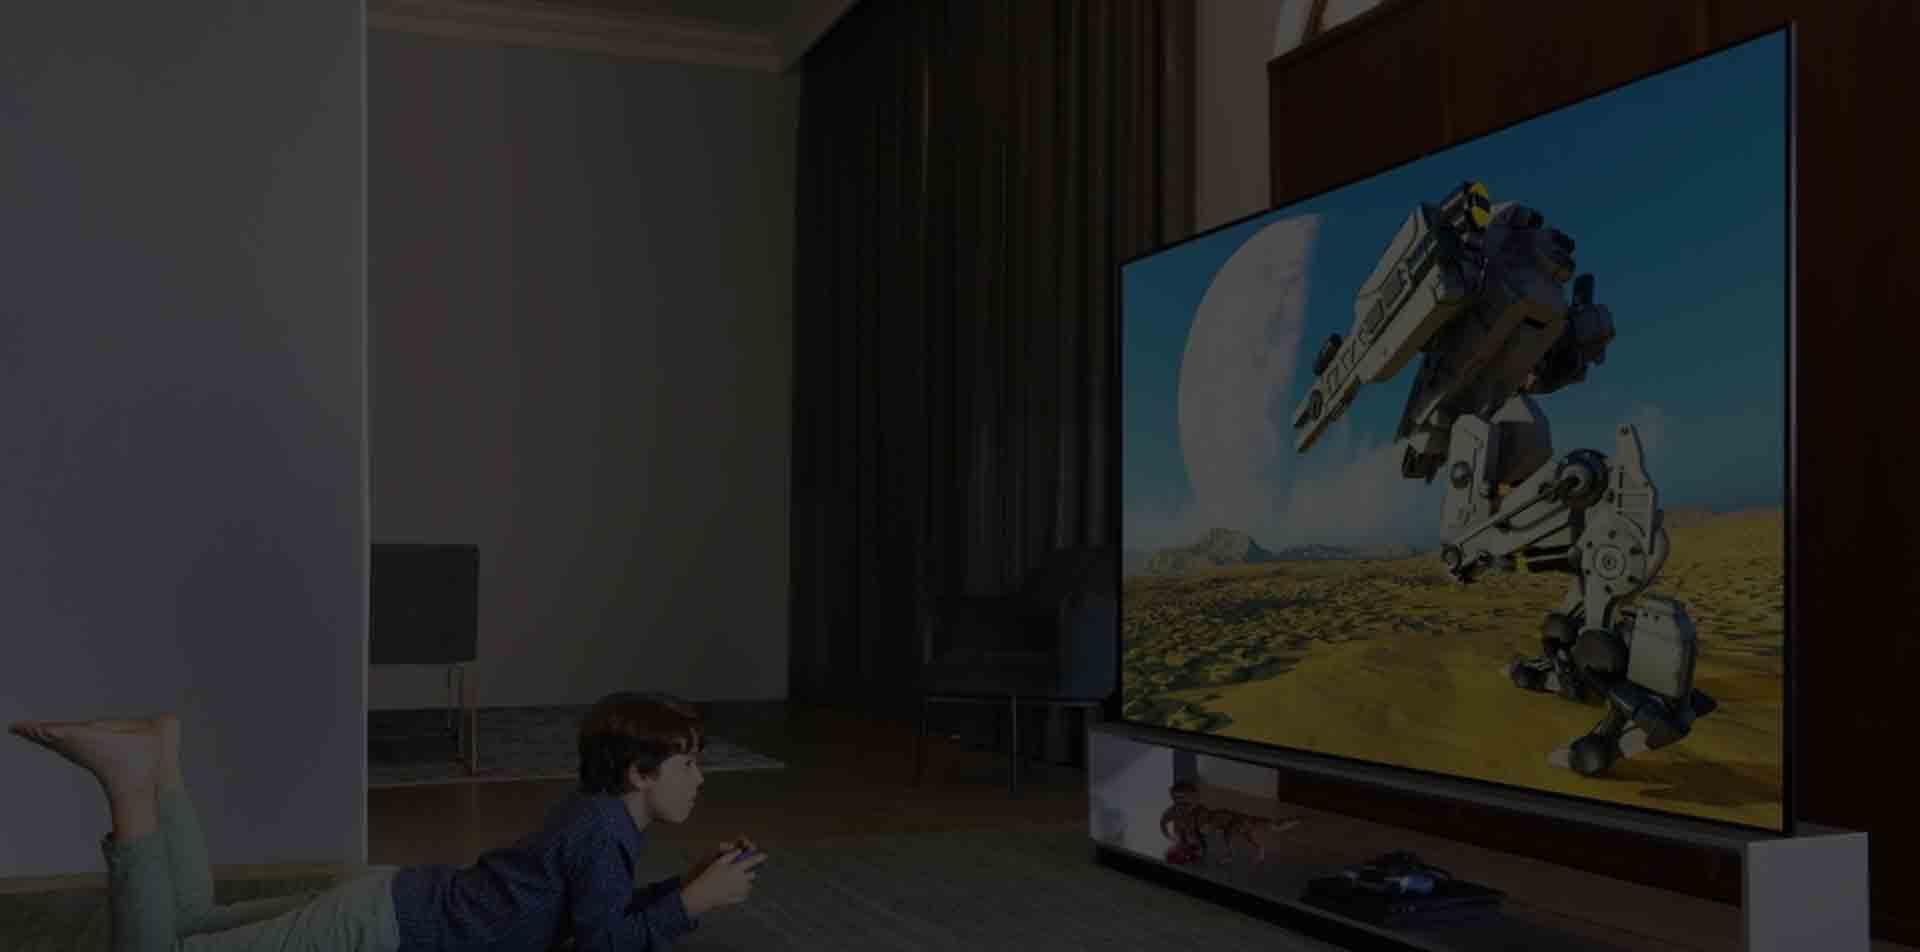 سرویس تلویزیون شیائومی در منزل